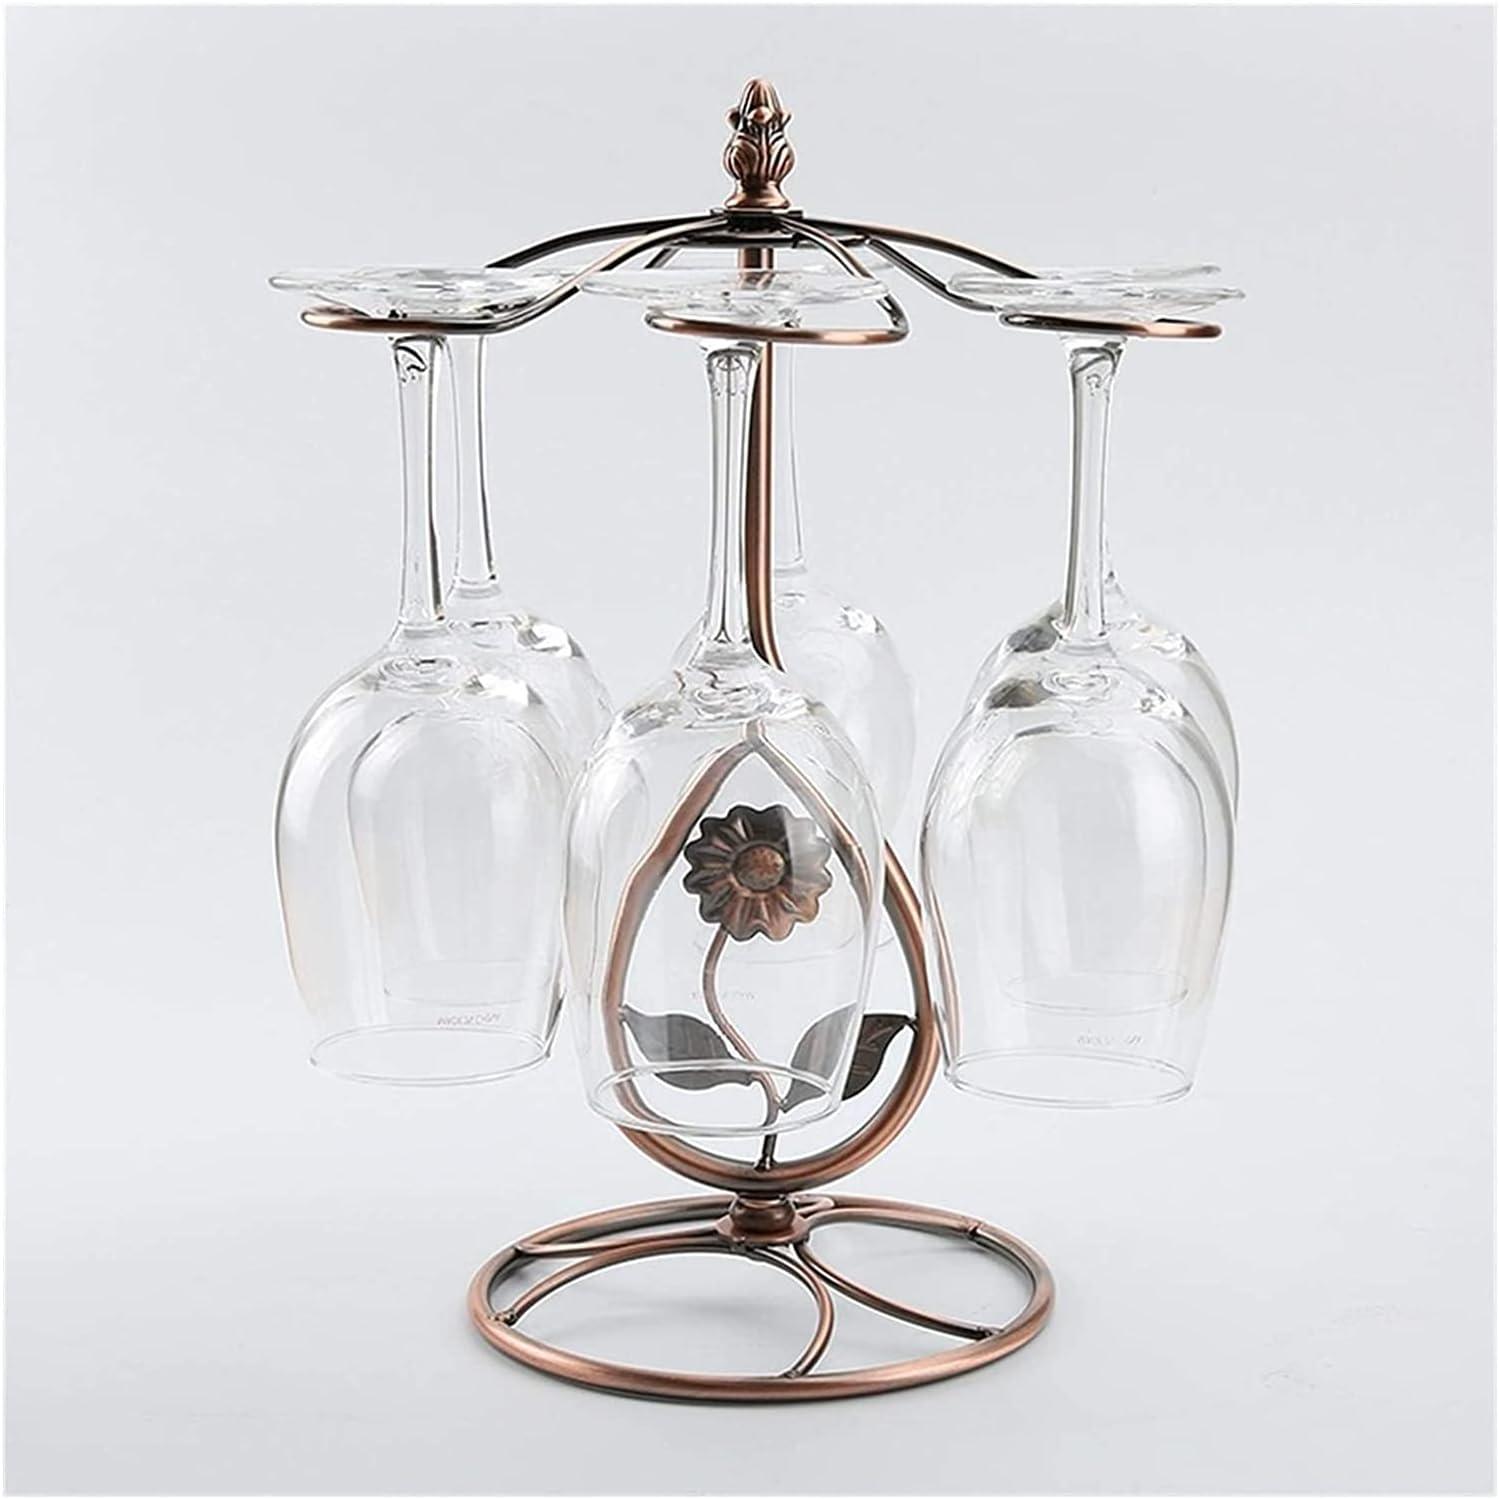 LSZ Wine Rack Metal New popularity Freestanding Glass Goblet unisex Holder